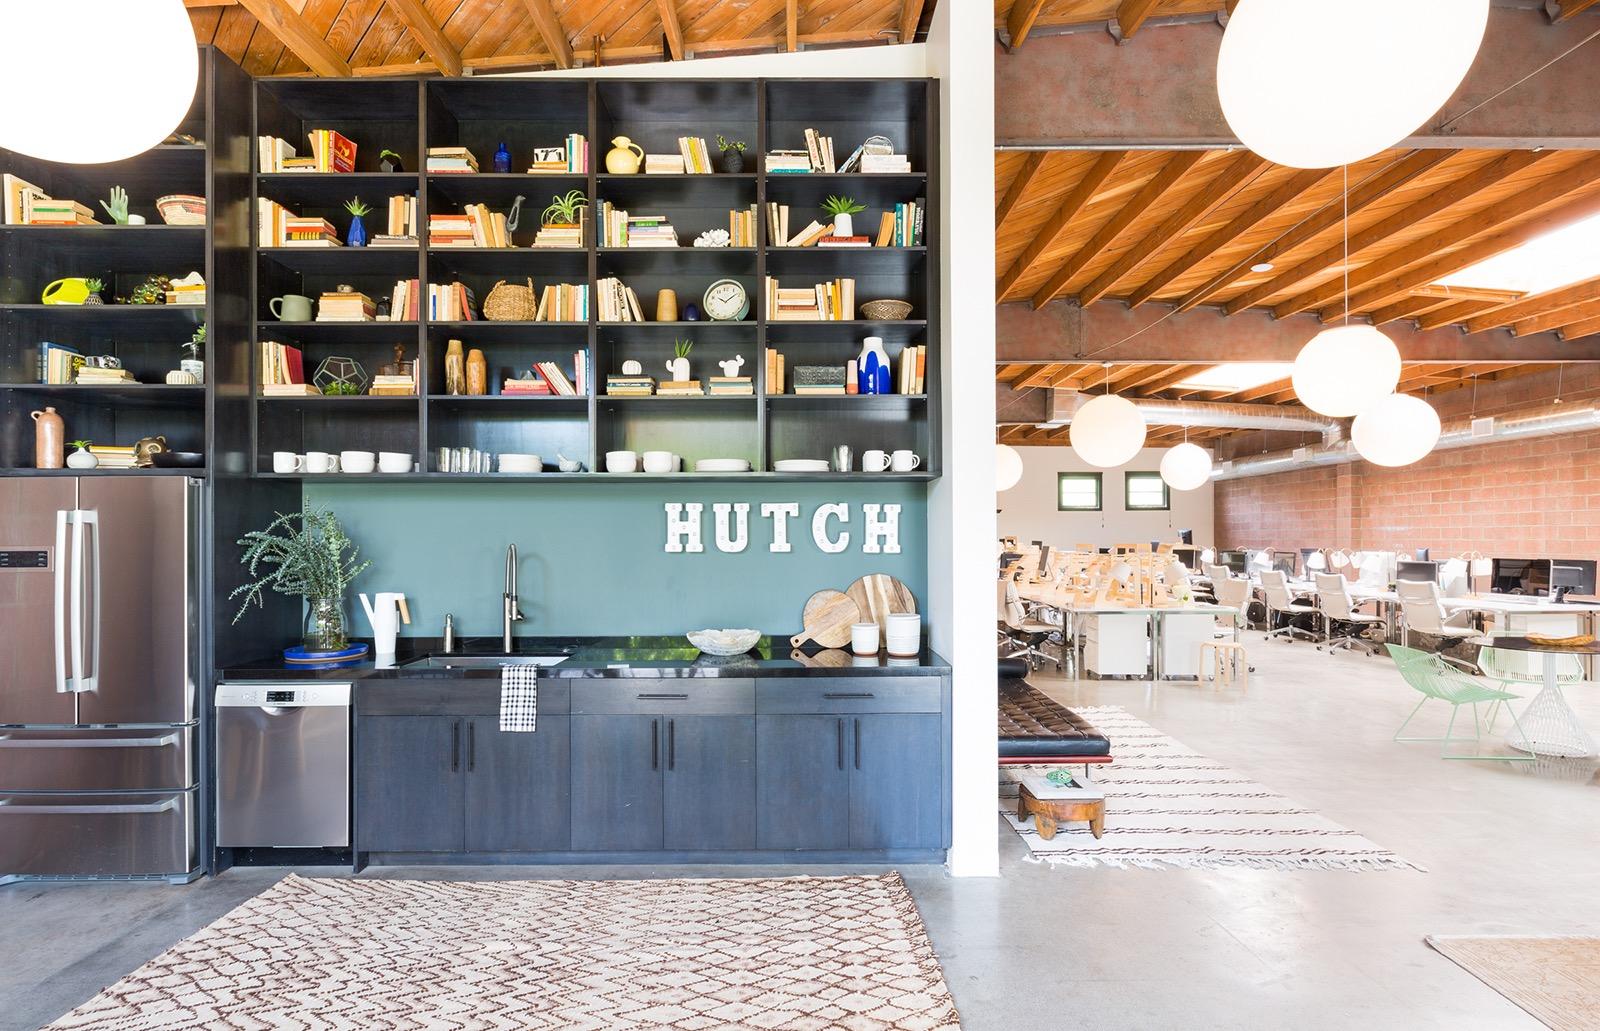 hutch-la-headquarters-6